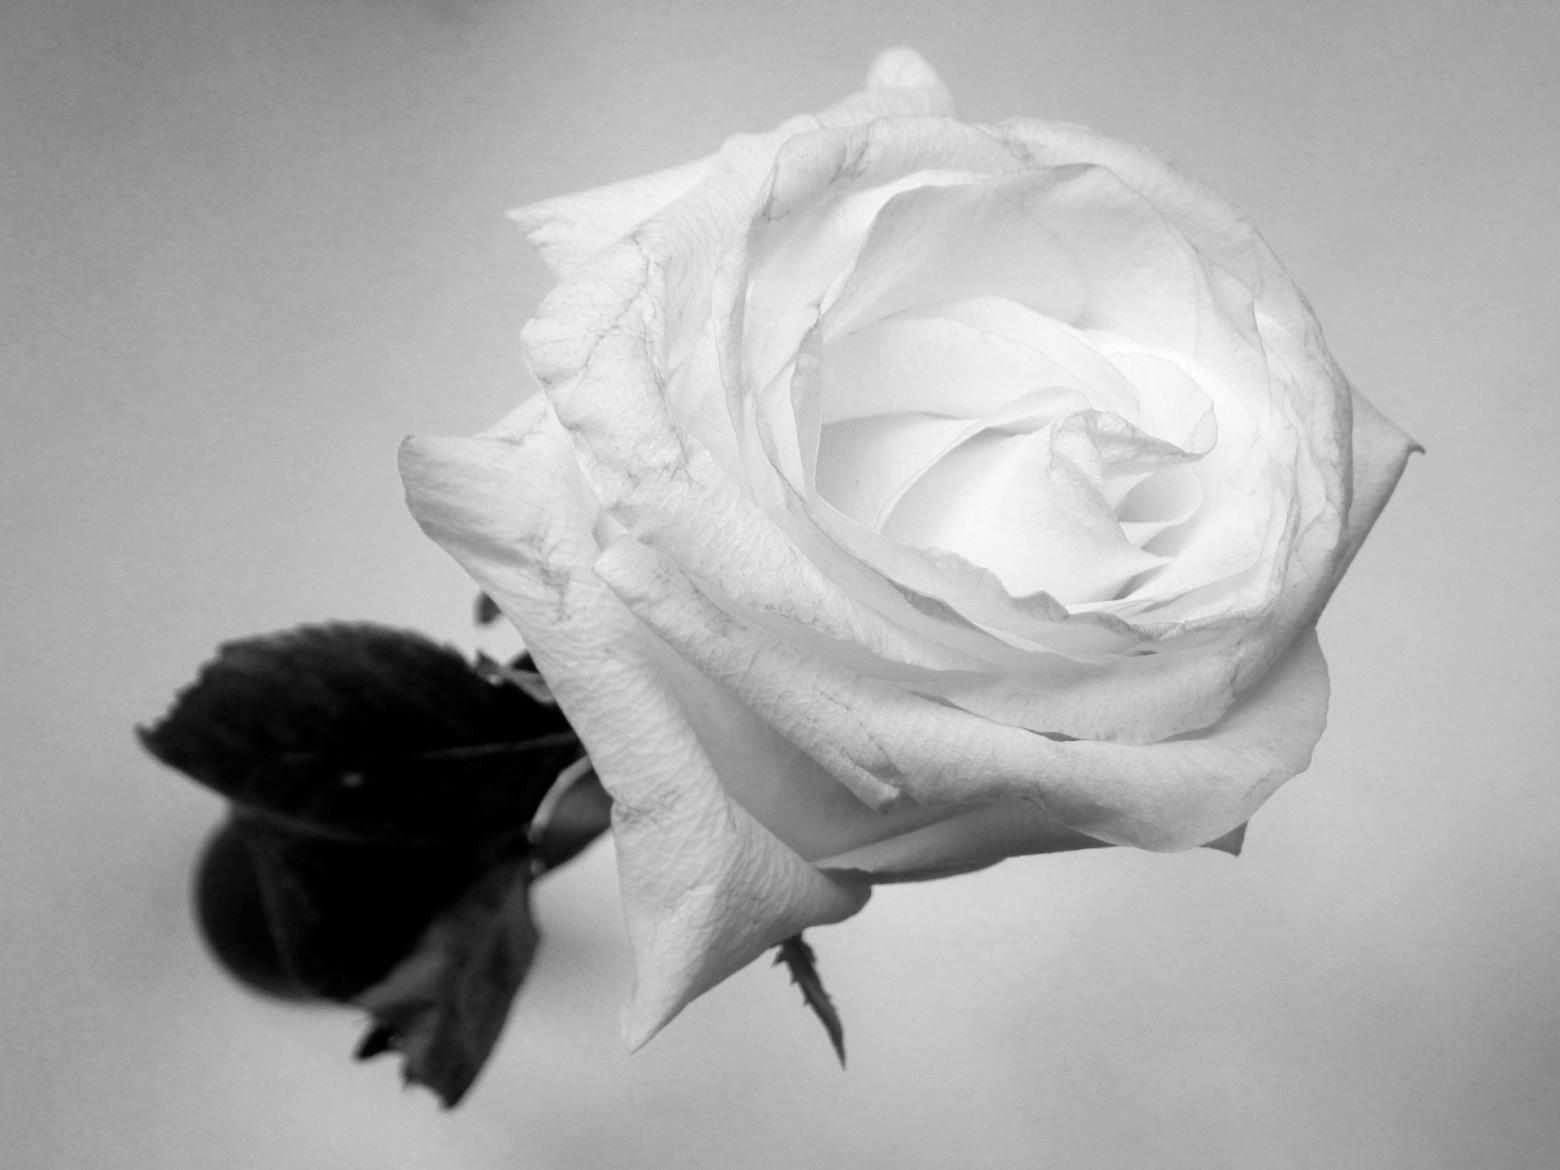 fleur rose blanche photo en noir et blanc images gratuites images gratuites et libres de droits. Black Bedroom Furniture Sets. Home Design Ideas